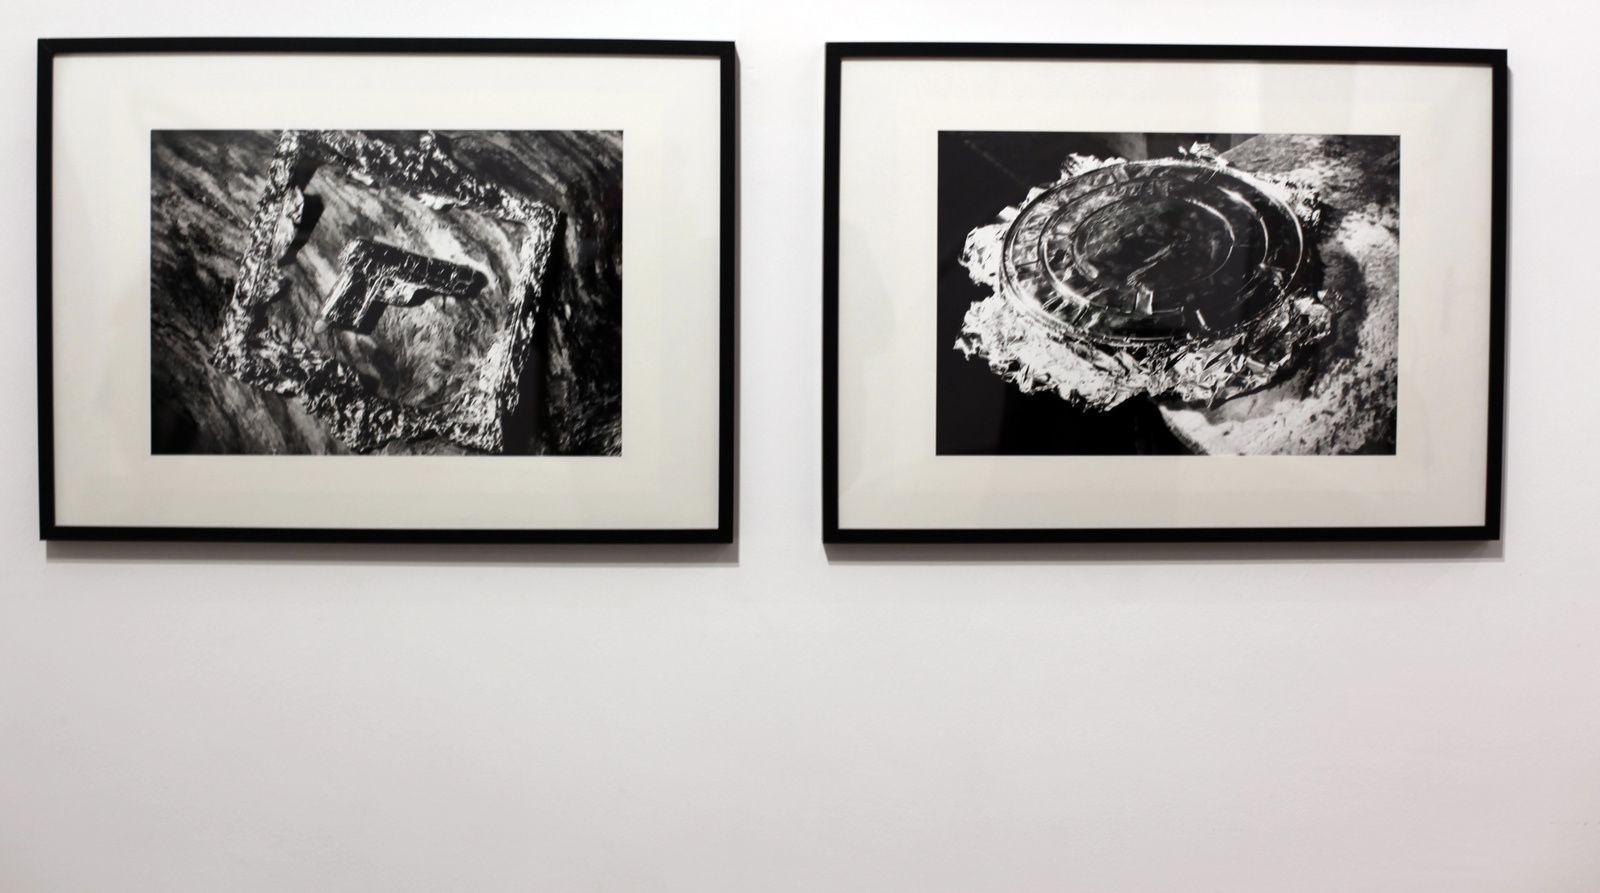 """Série """"Les papiers d'argent"""", 1991 d'Alain FLEISCHER - Courtesy Galerie RX © Photo Éric Simon"""